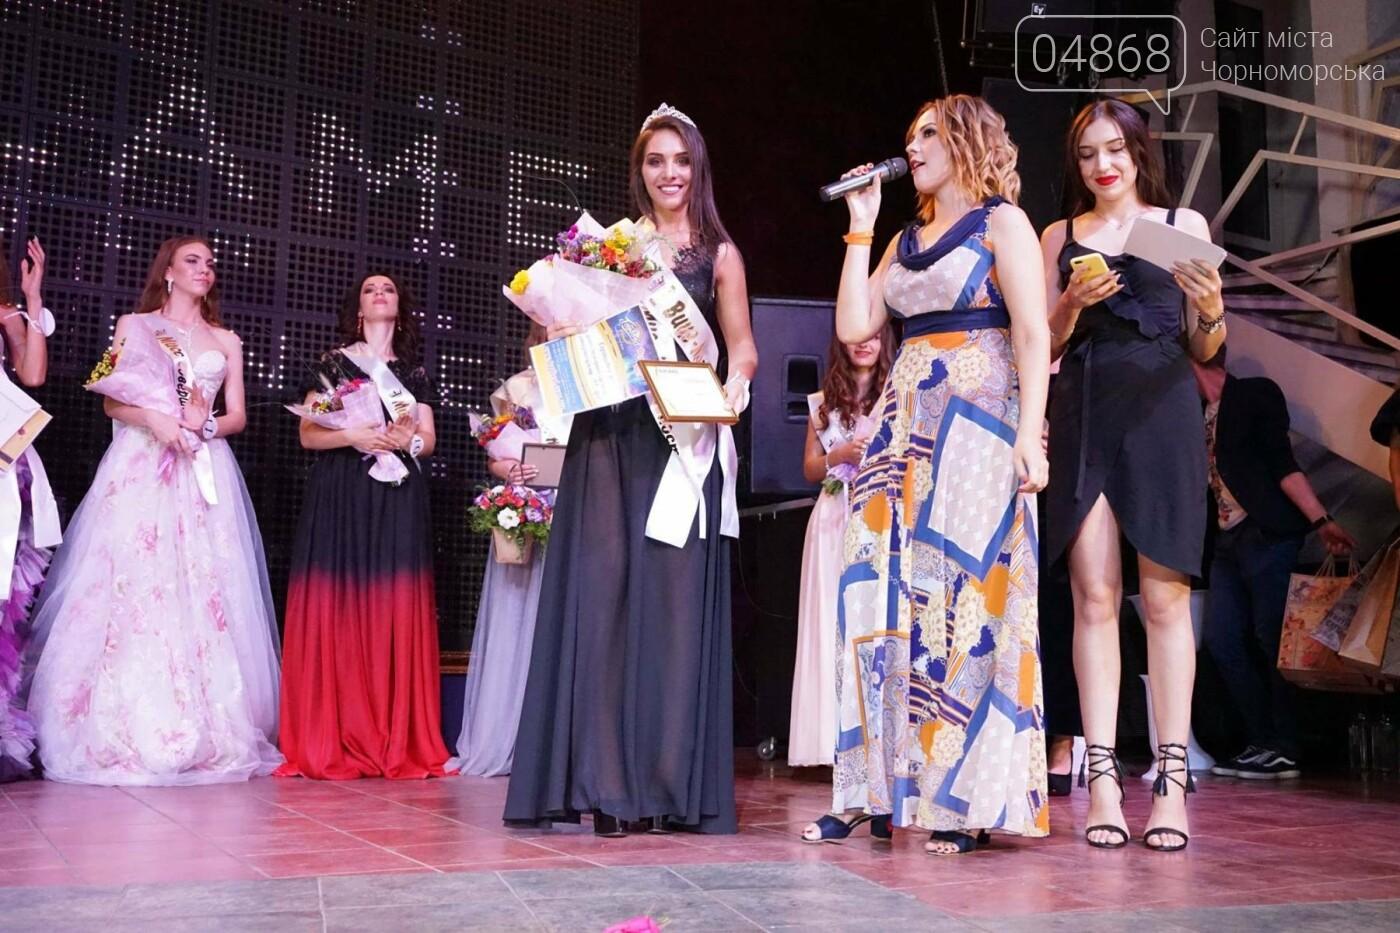 В Черноморске избрана новая Королева красоты, фото-13